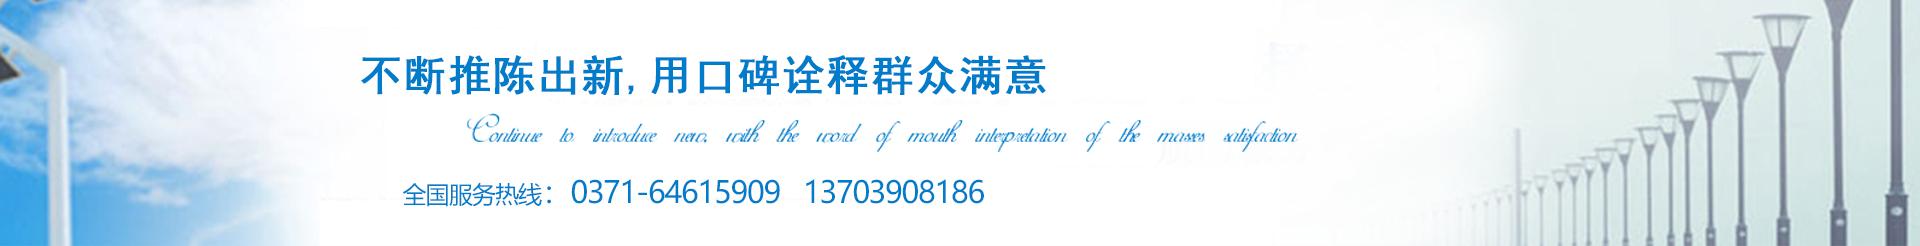 鄭州甦拉機電設備有限公司